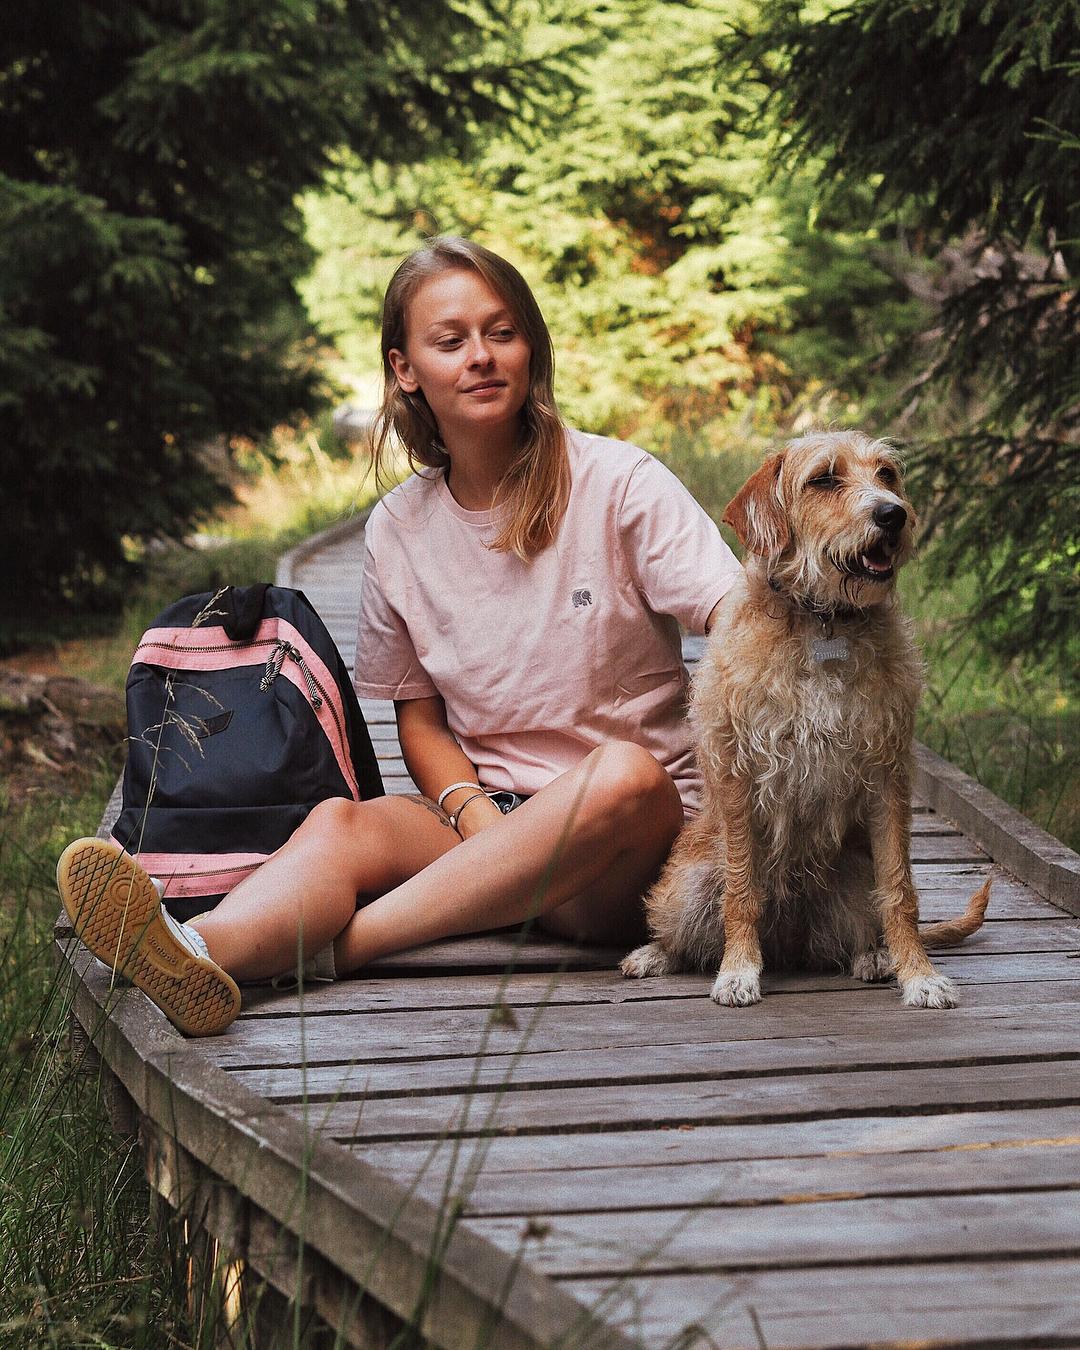 Blogerka Terezen v horách